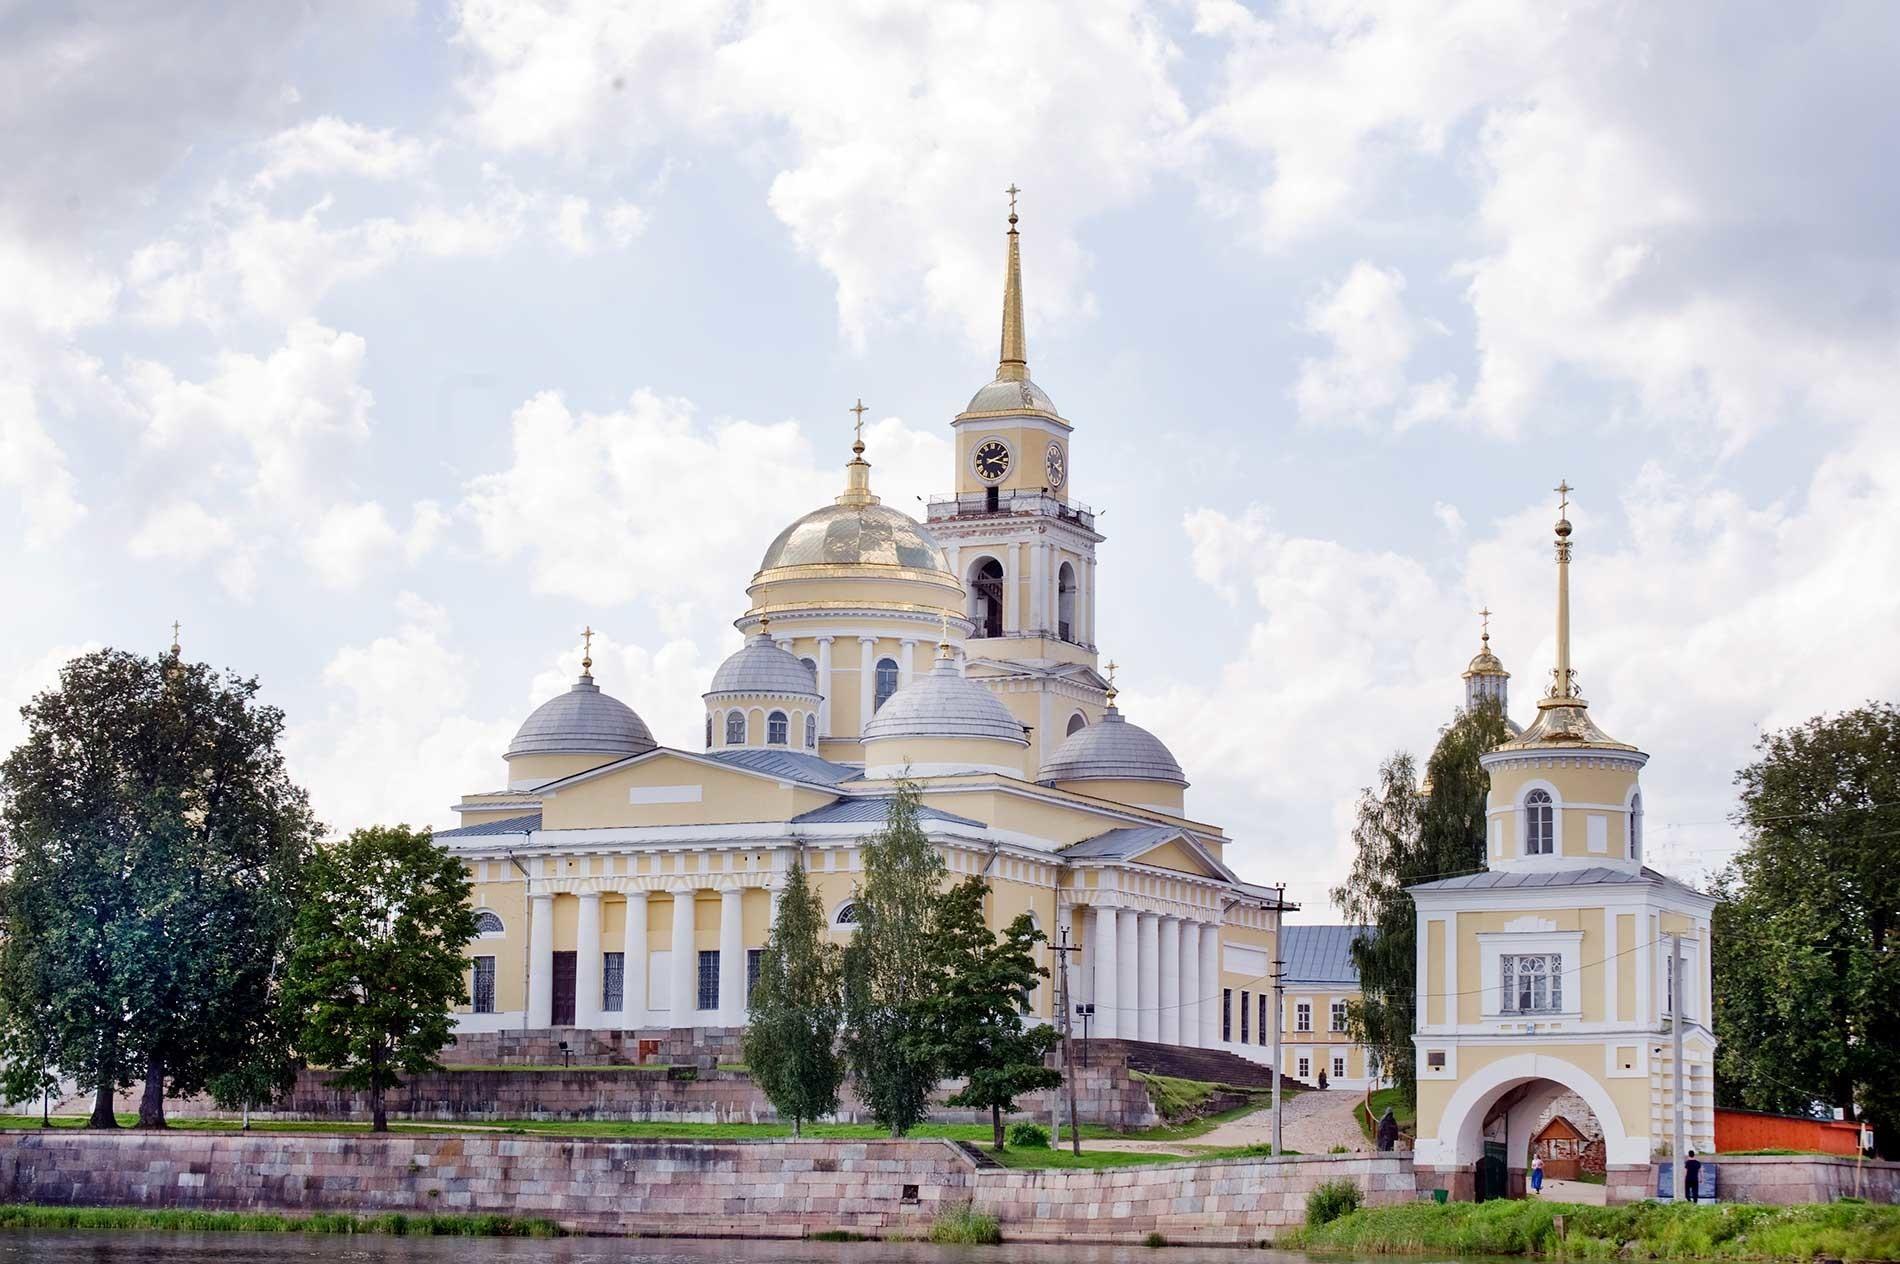 Nílova Pustin, vista este desde el pueblo de Svétlitsa. Catedral de la Epifanía y campanario, Torre Svétlitsa. 23 de agosto de 2016.